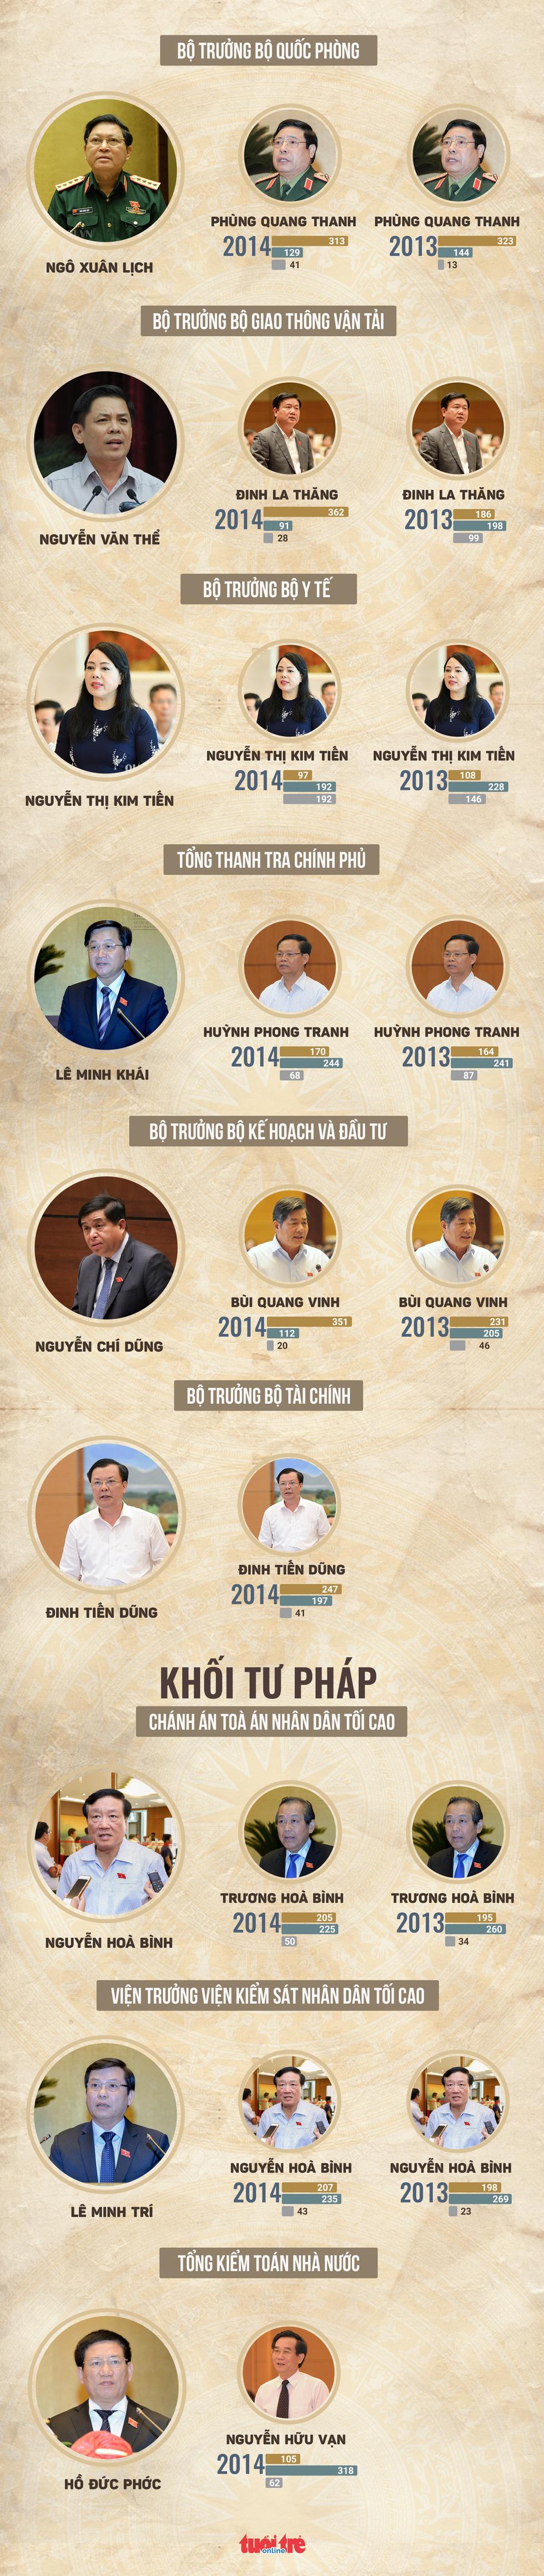 48 chức danh được Quốc hội lấy phiếu tín nhiệm - Ảnh 5.